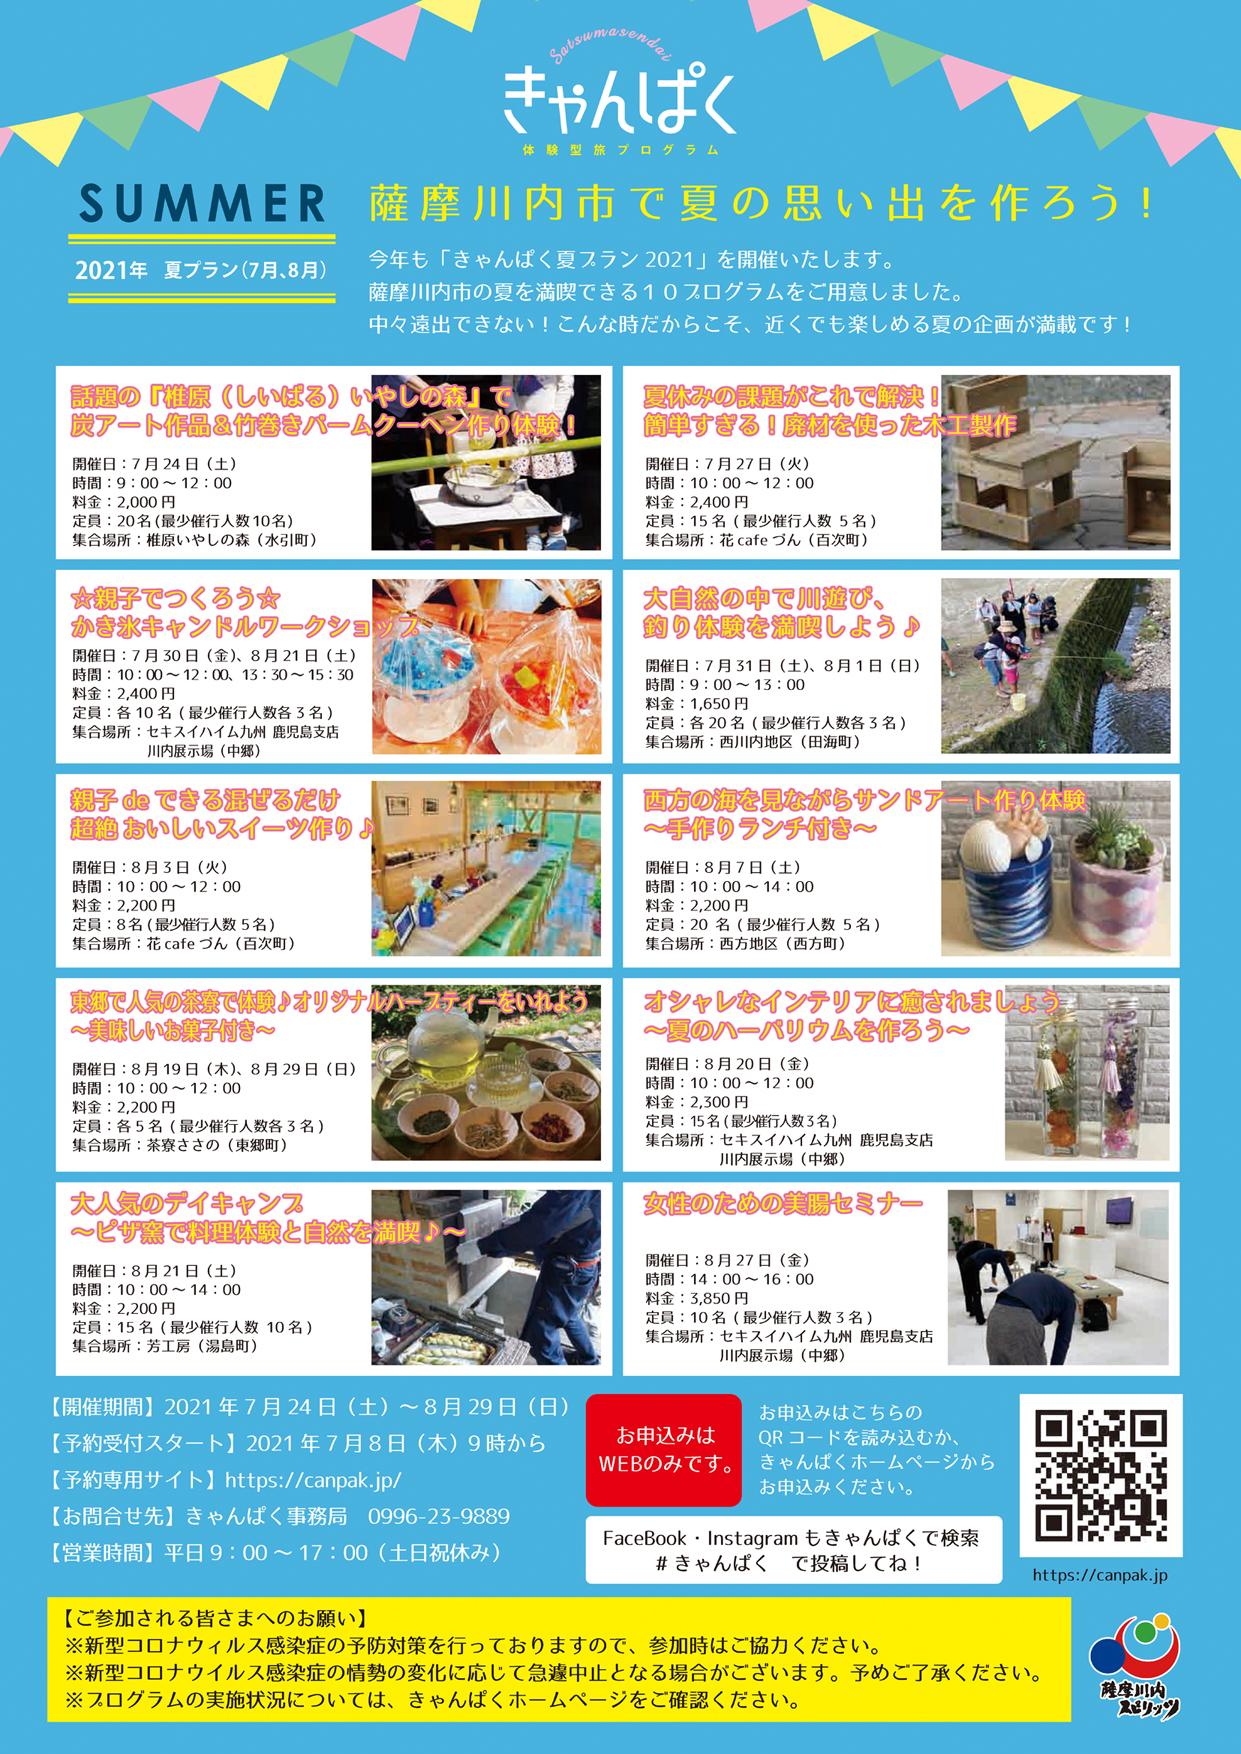 【予約受付中】きゃんぱく夏プラン2021開催(7/24~8/29)